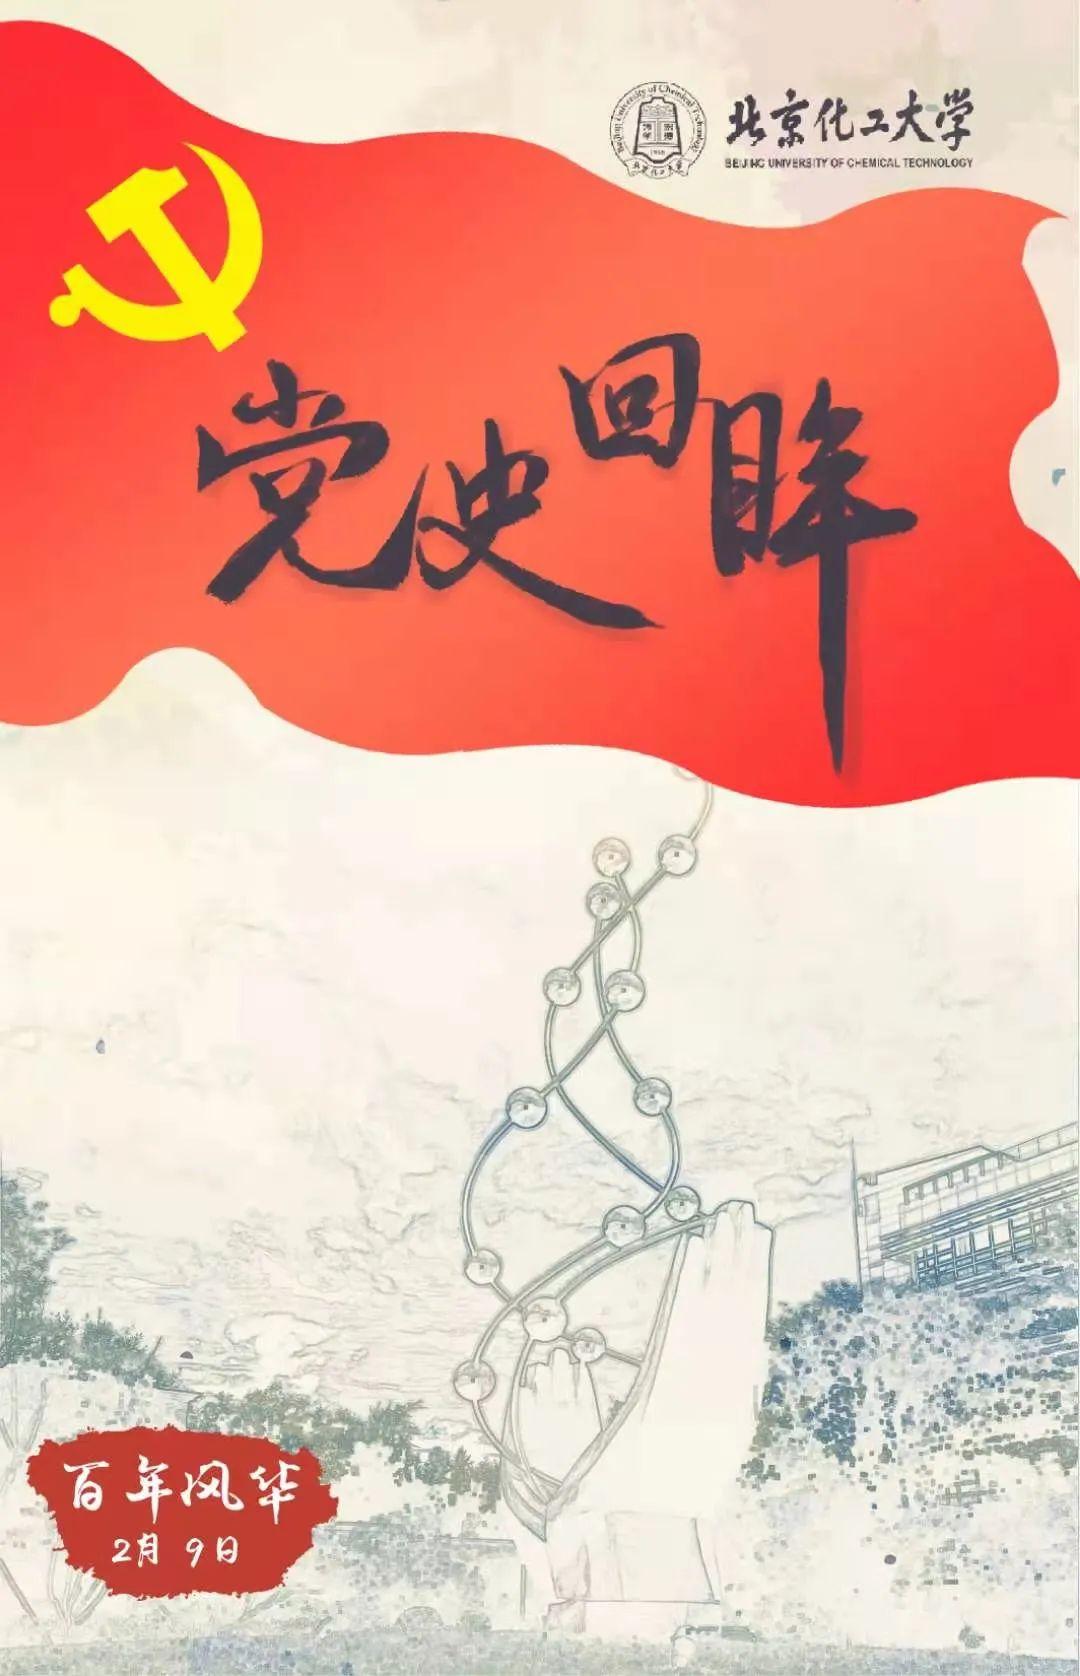 百年风华·党史回眸 | 2月9日图片